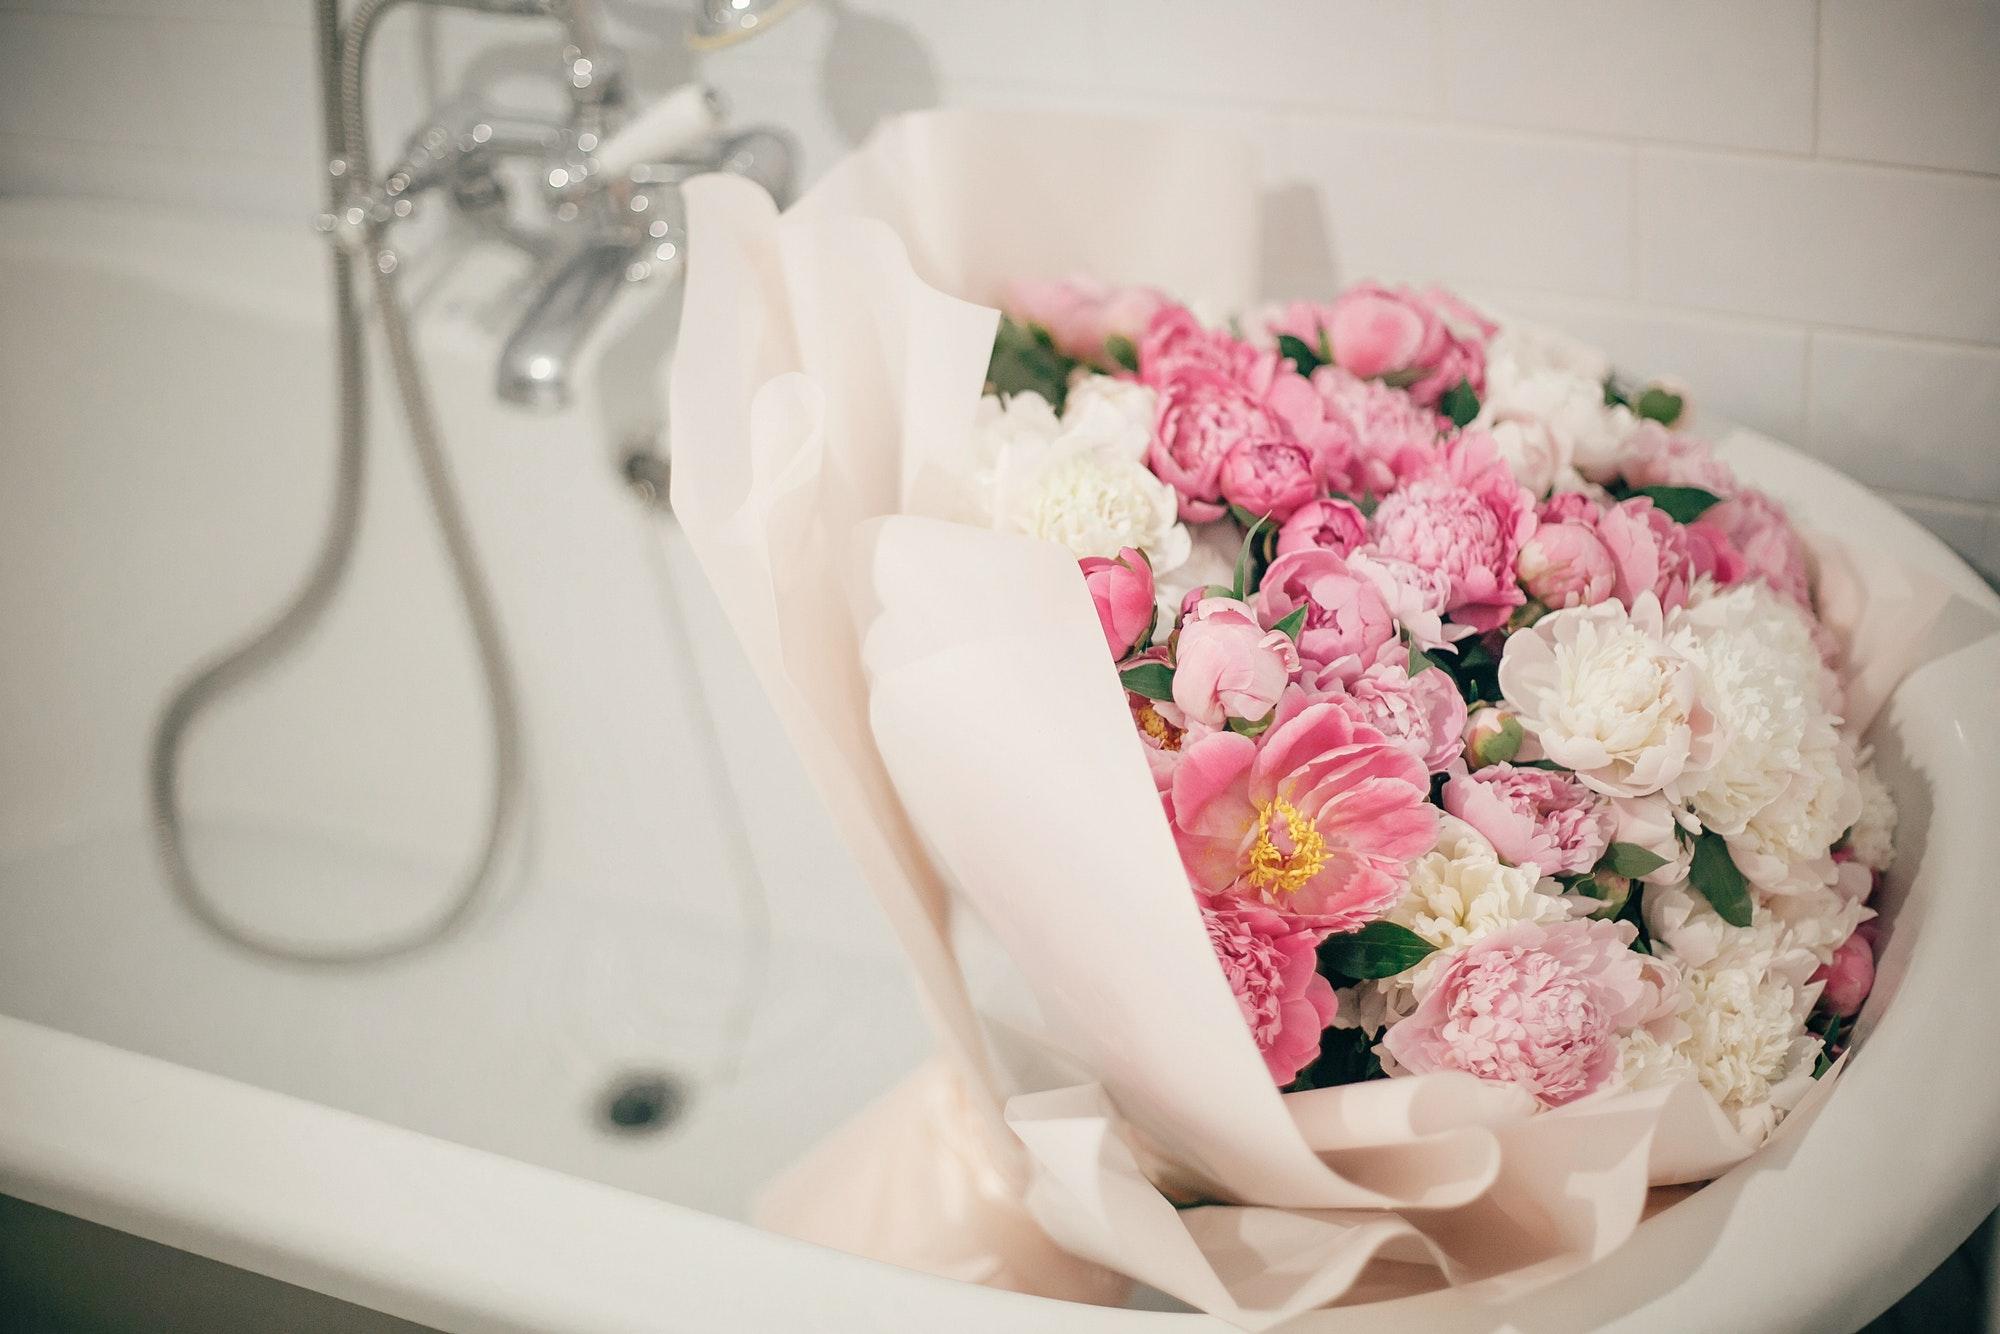 Big stylish peony bouquet in bathtub